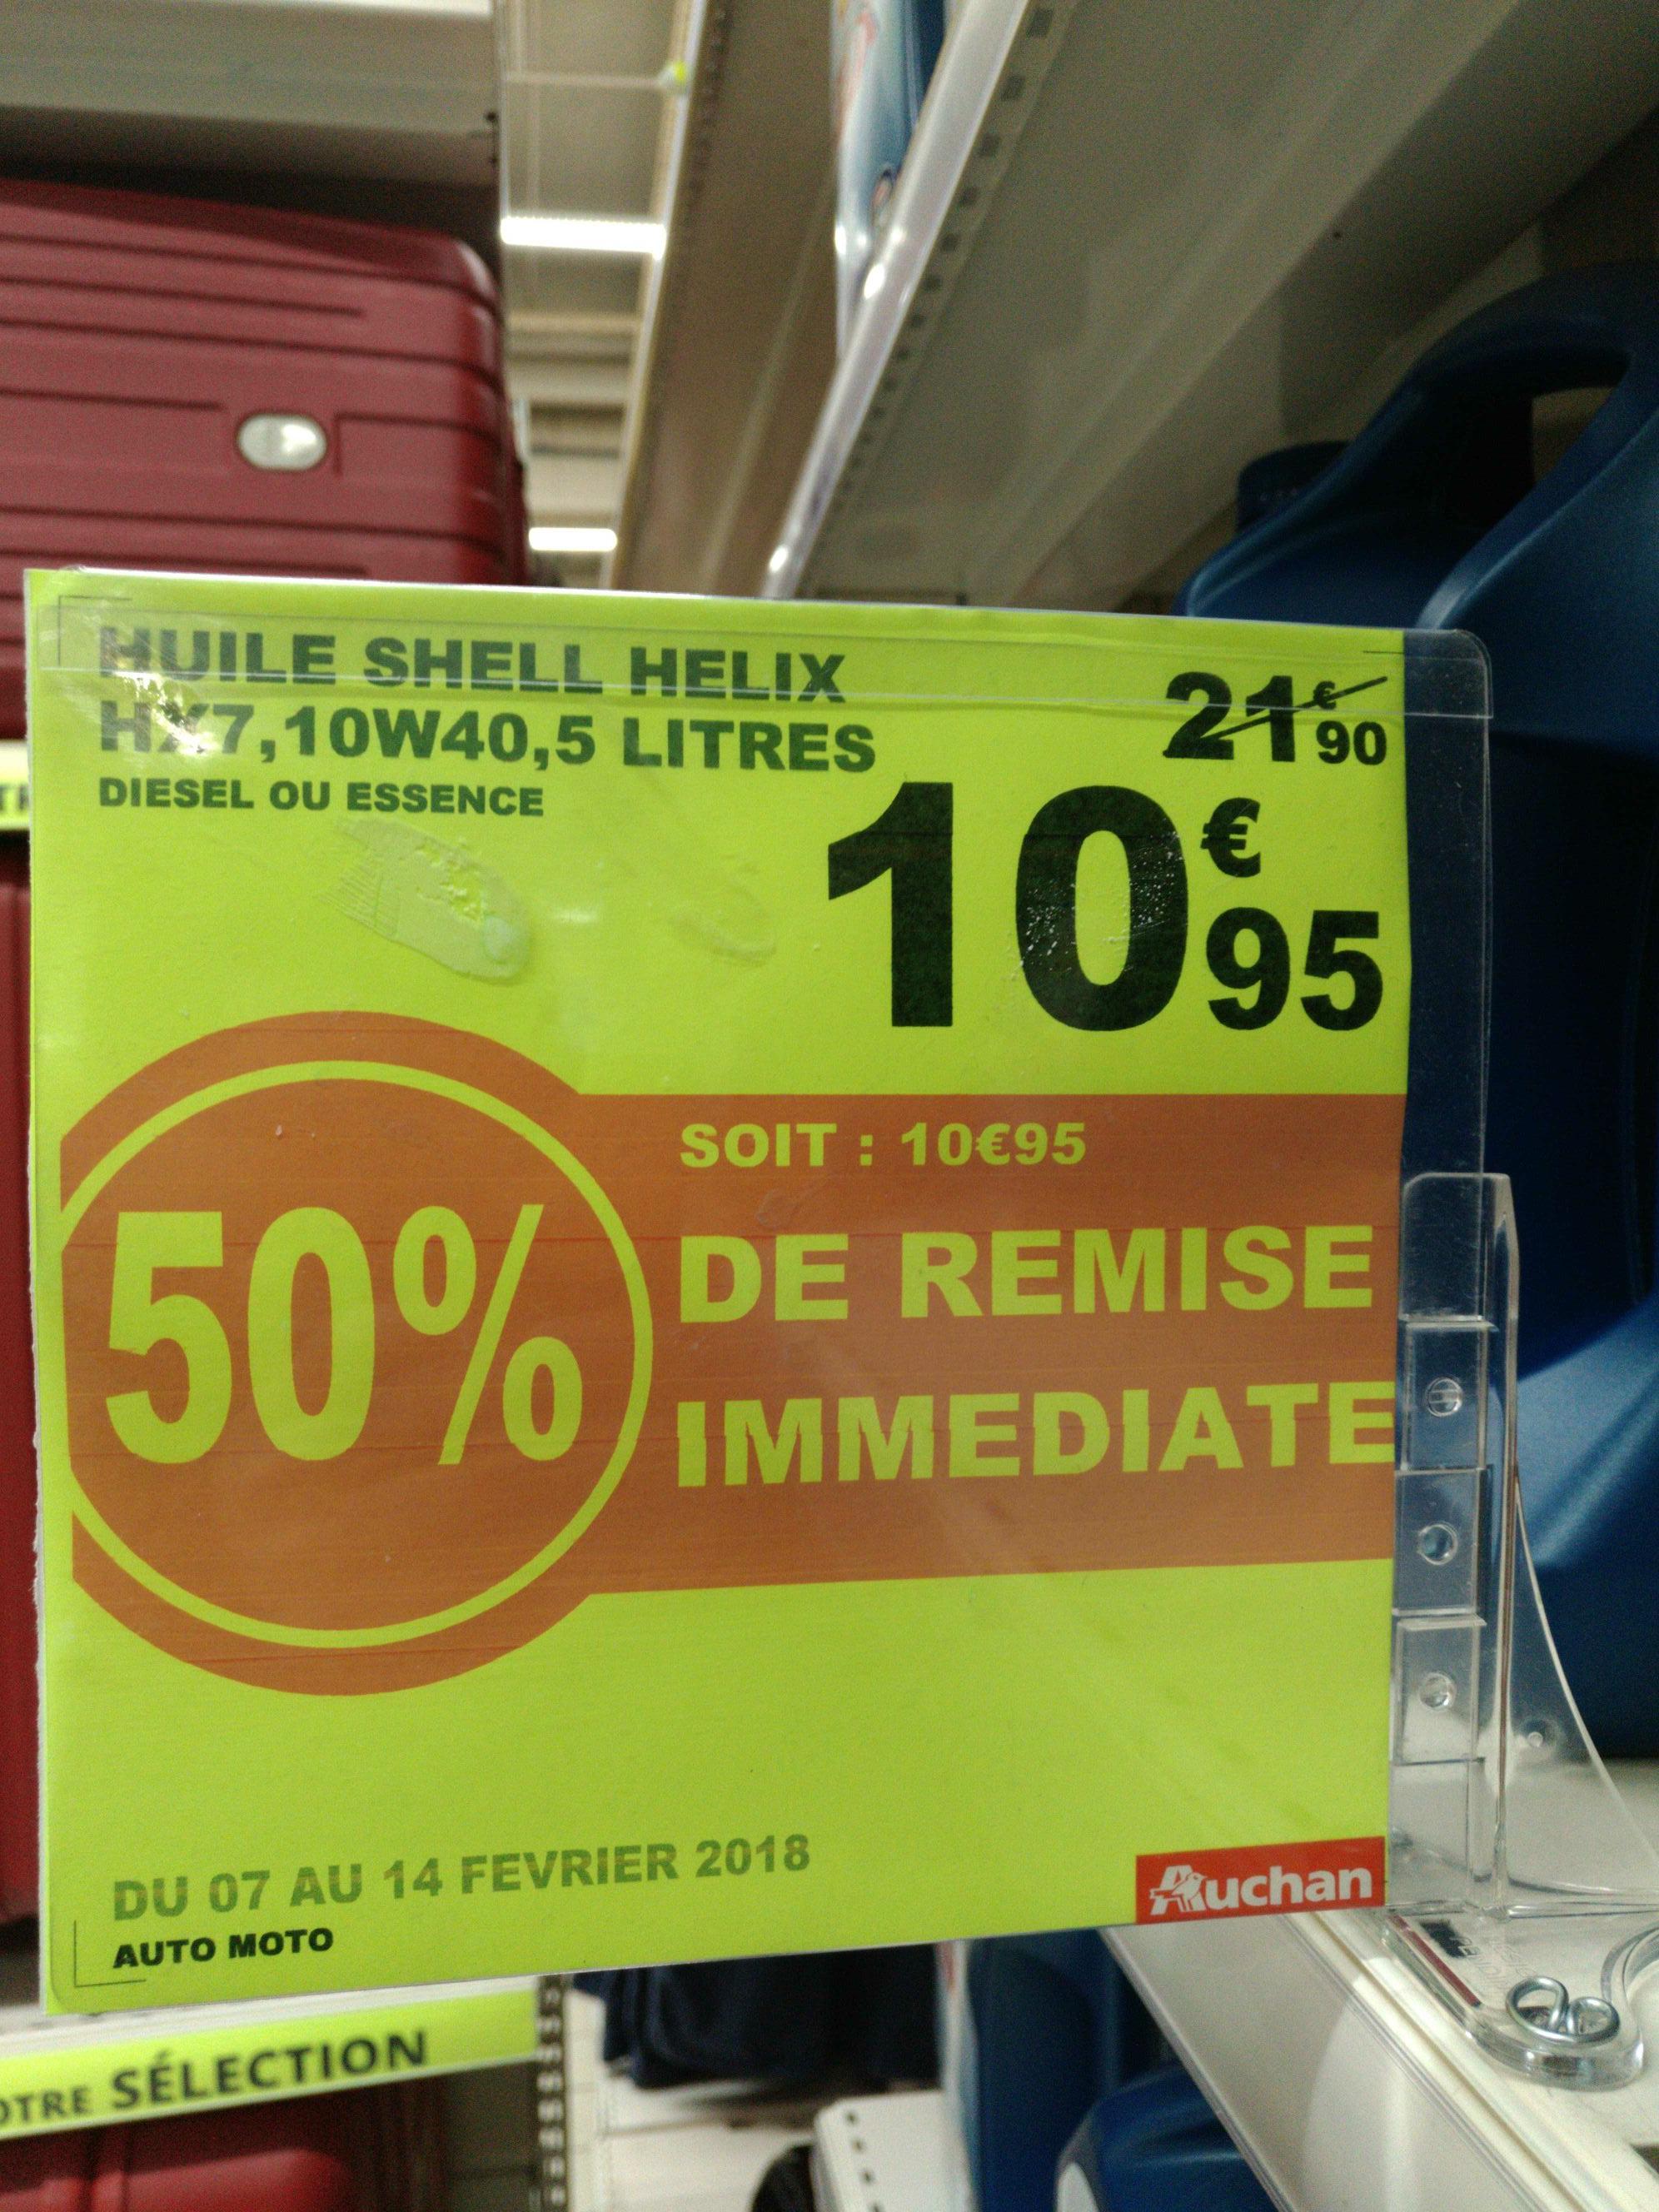 Sélection d'Huiles moteur en promotion - Ex : Huile Shell hélix hx7 10w40 ou 5w30 - Auchan val de fontenay (94)